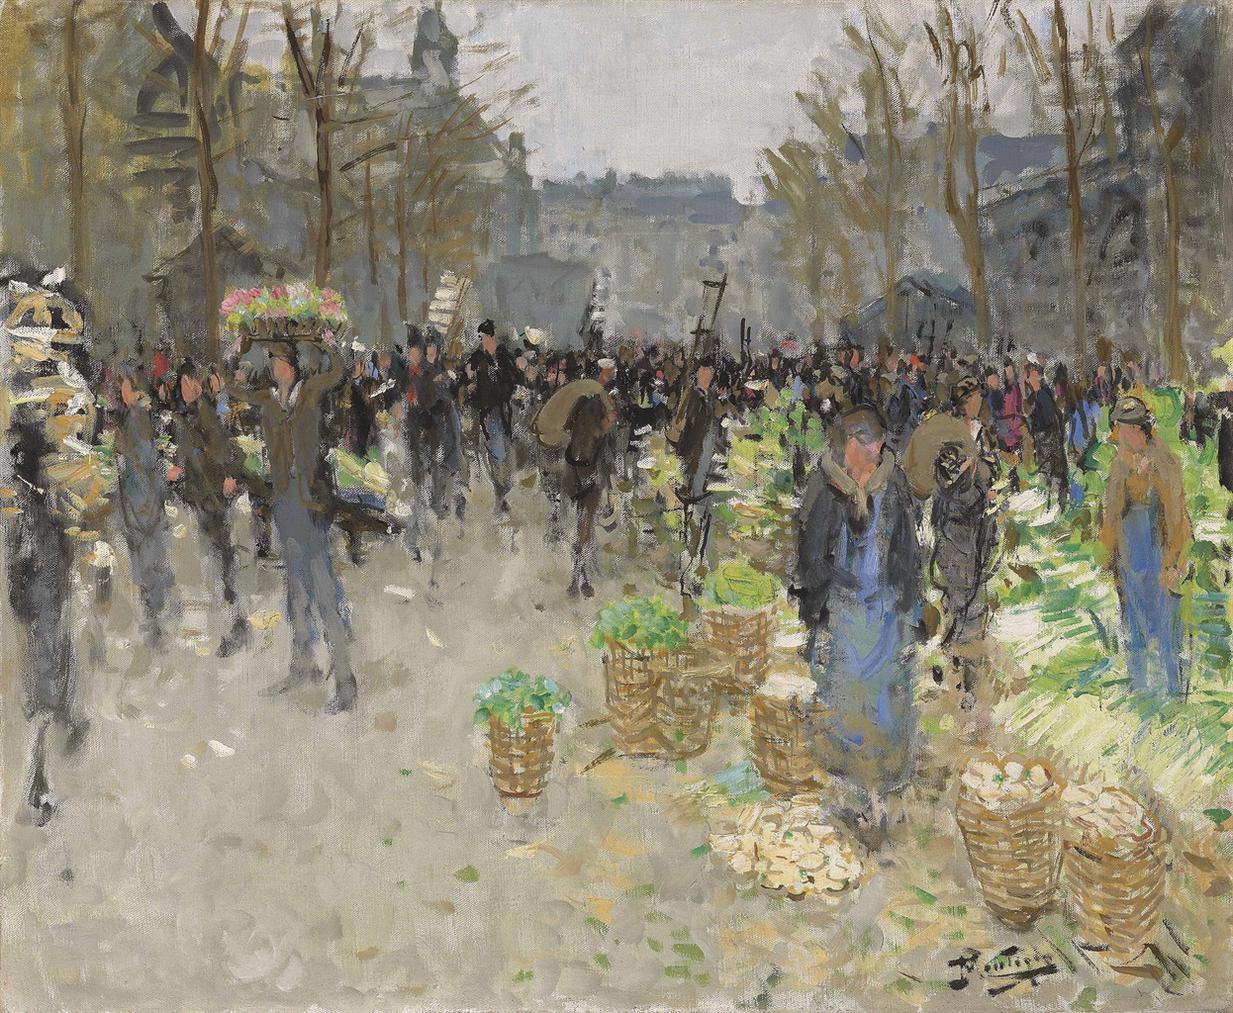 Pierre Eugene Montezin-Les Halles, Le Marche Aux Legumes-